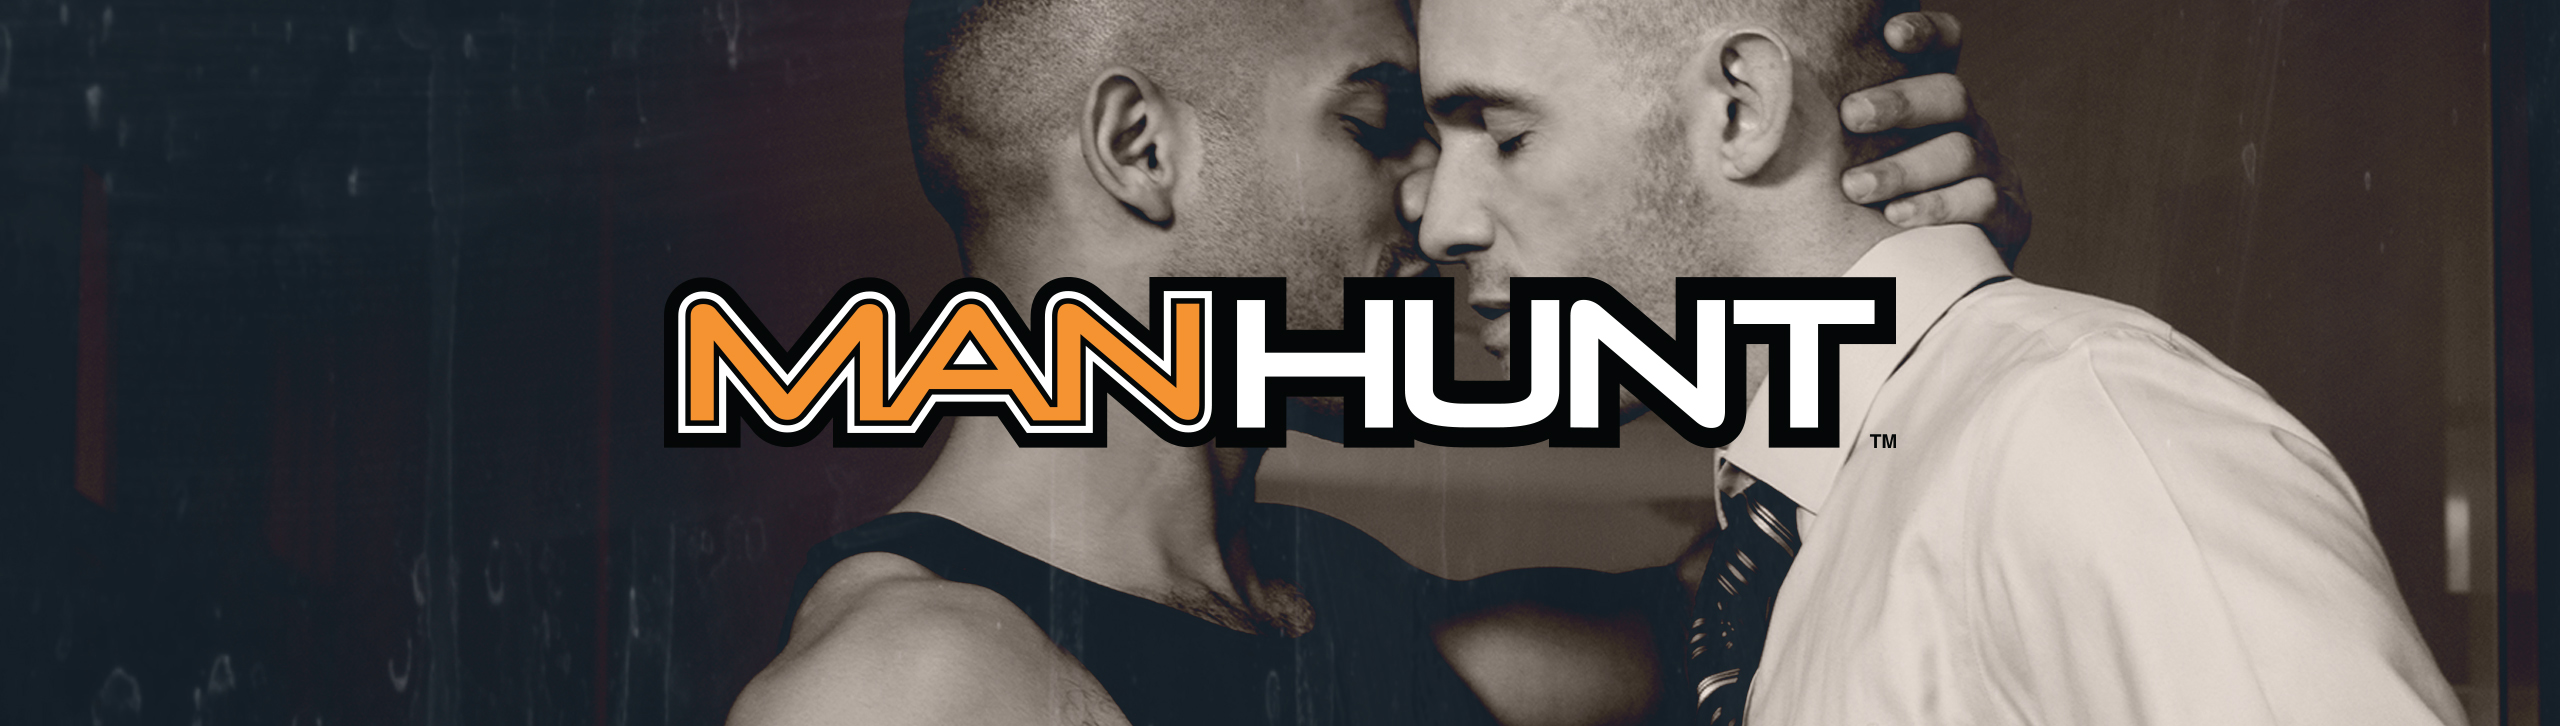 manhunt app gay